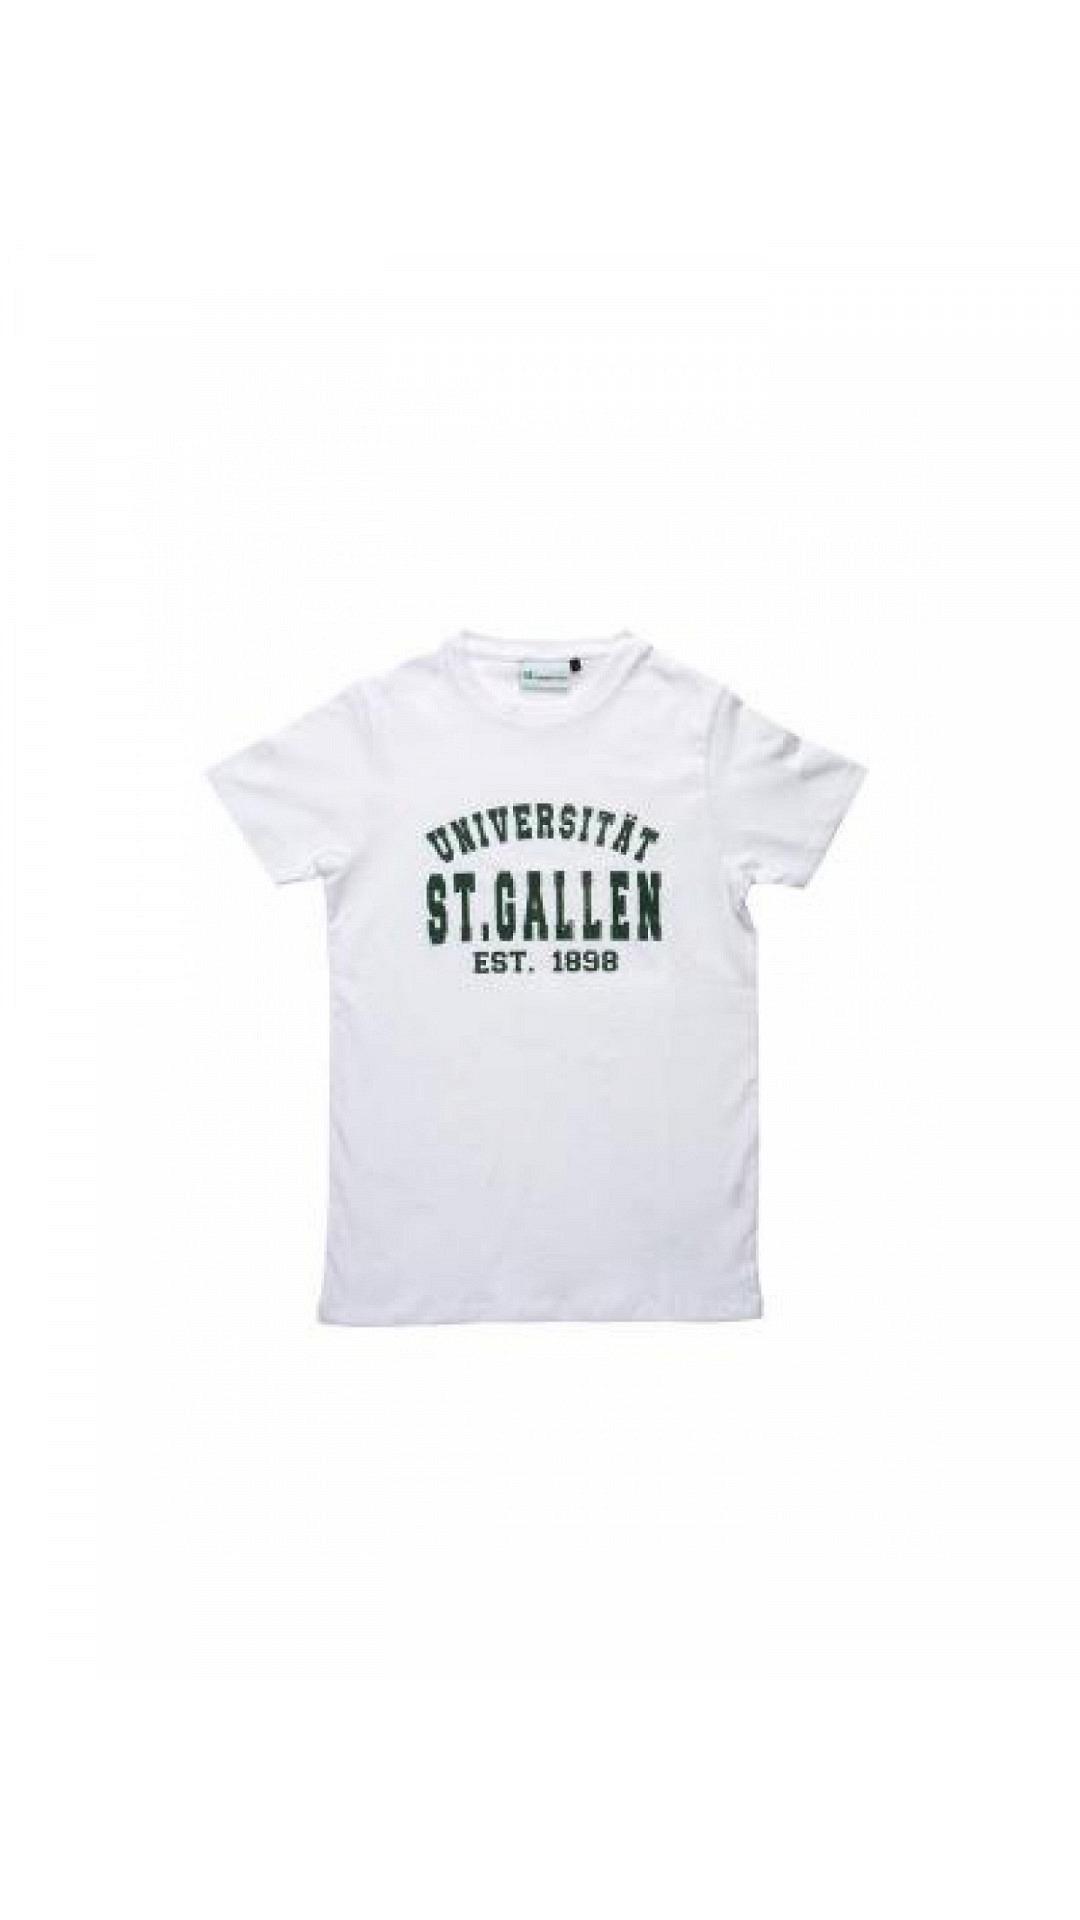 Uni T-Shirt Weiss, unisex